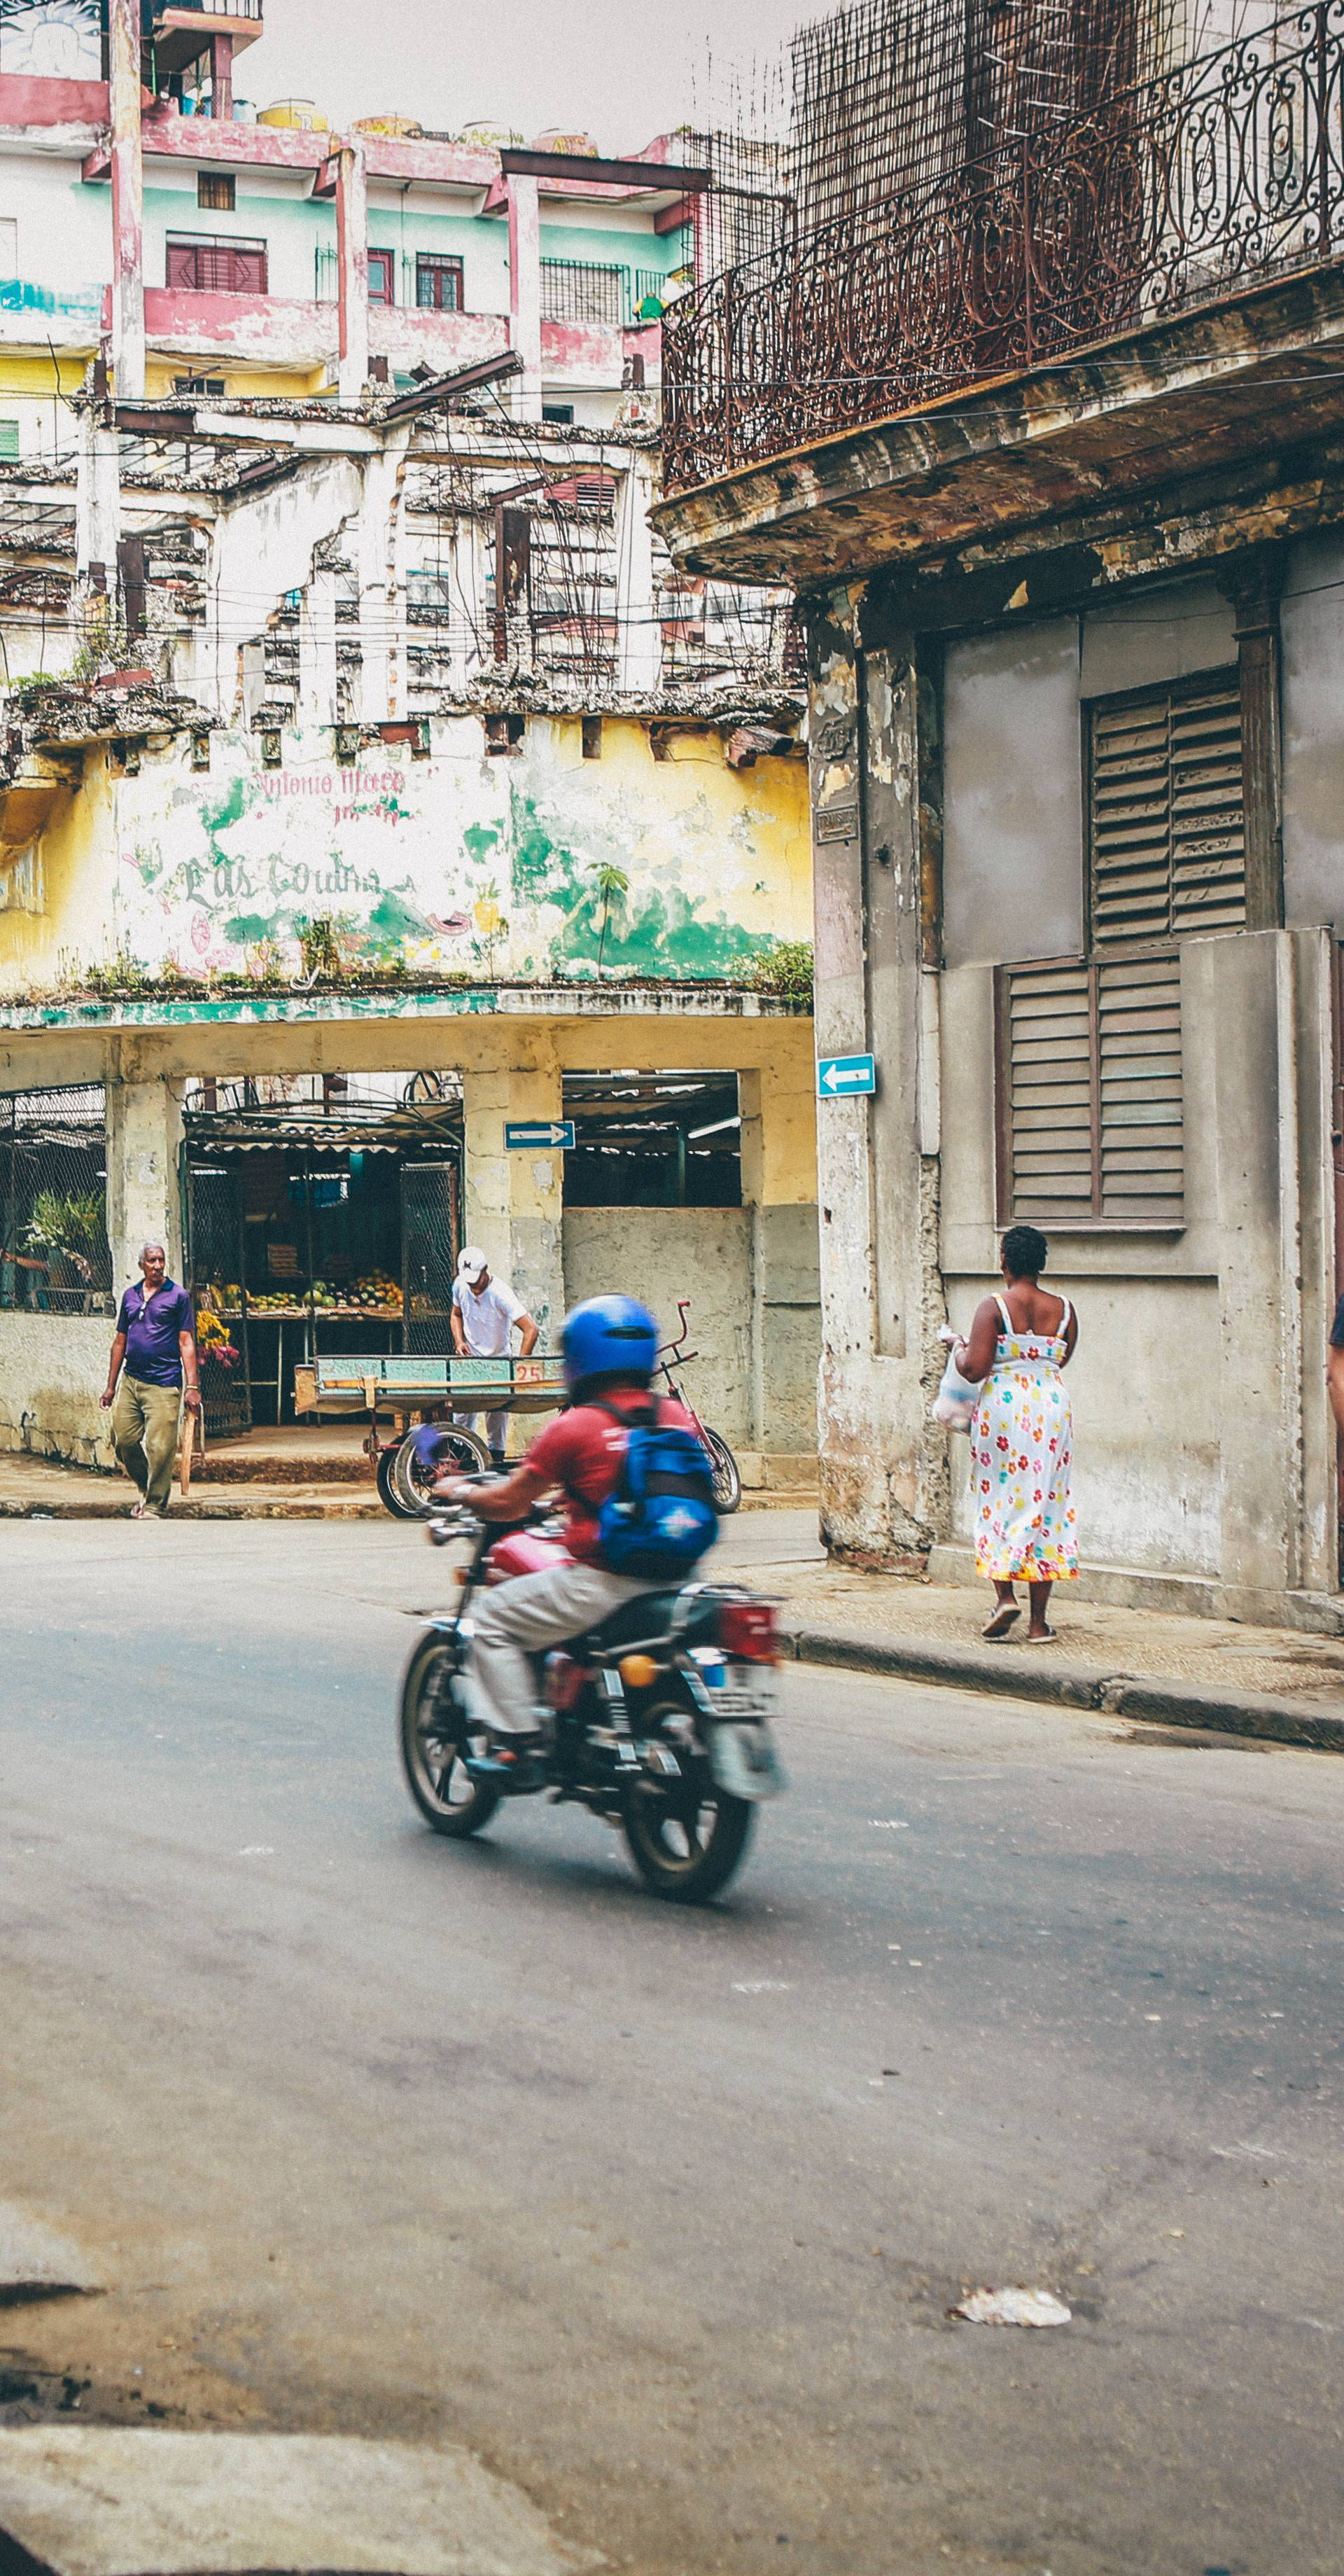 Izazov života: Kako preživjeti u zemlji bez interneta, na Kubi